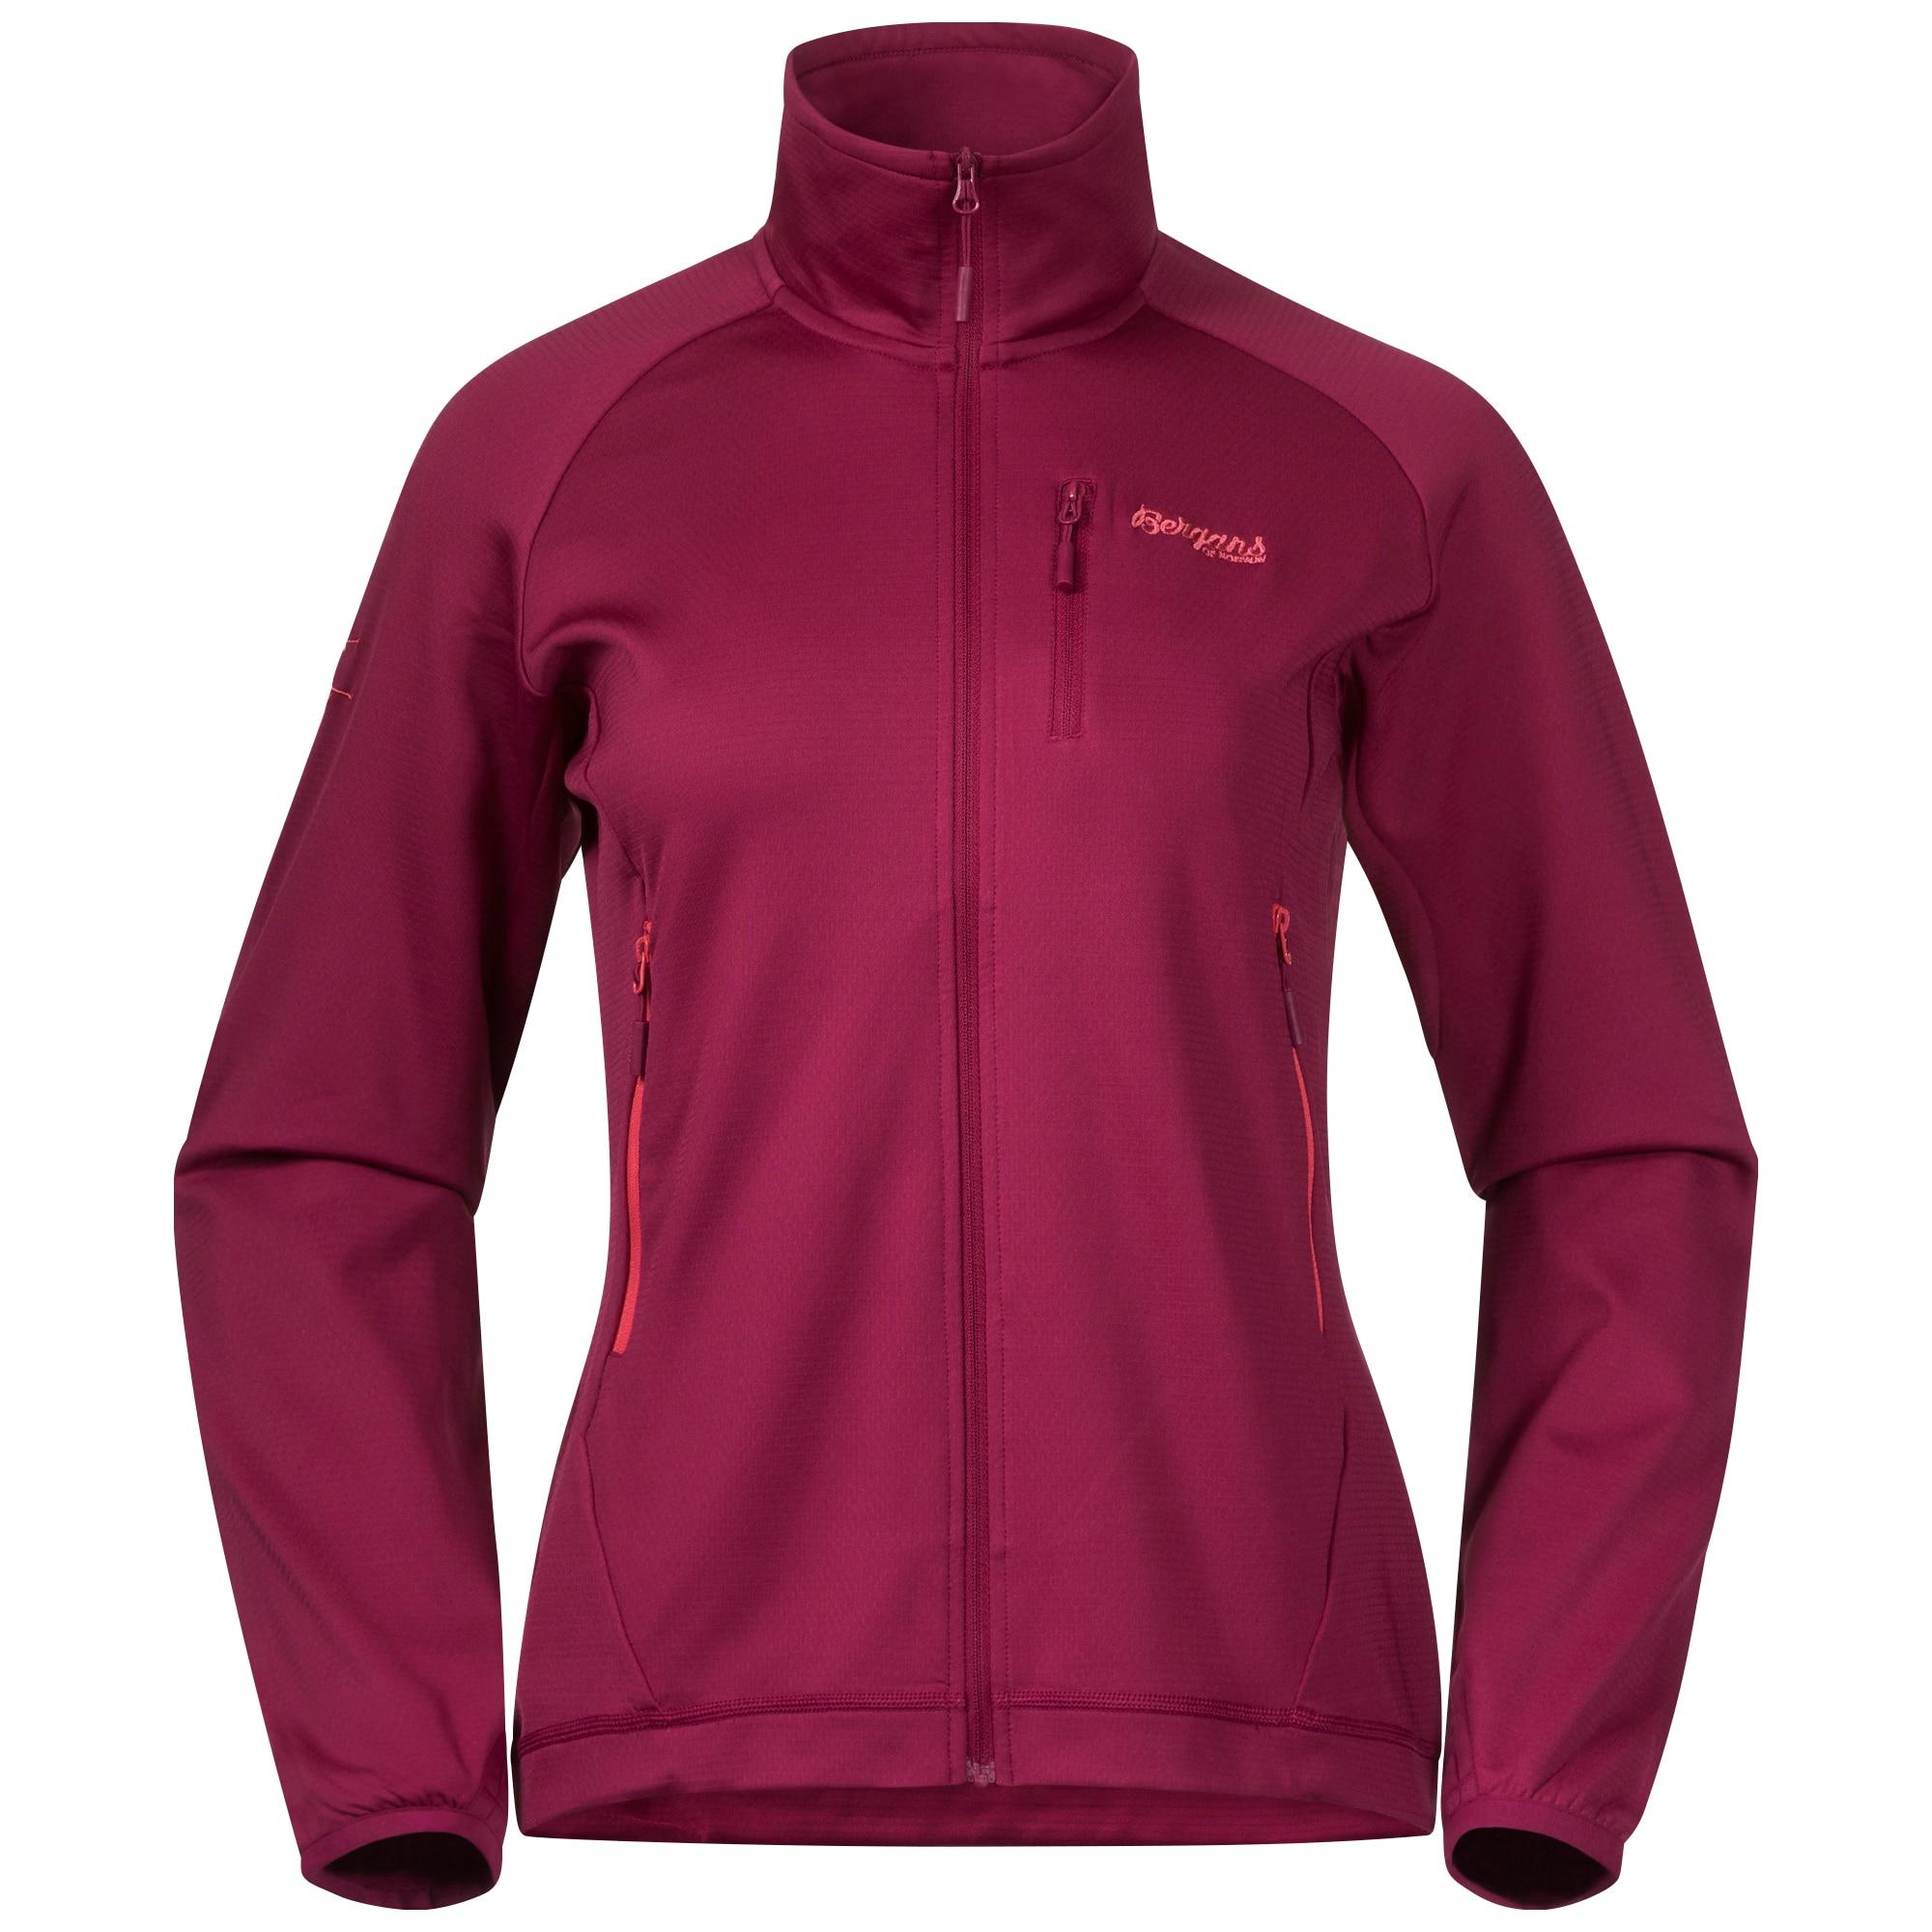 Romsdal Fleece W Jacket